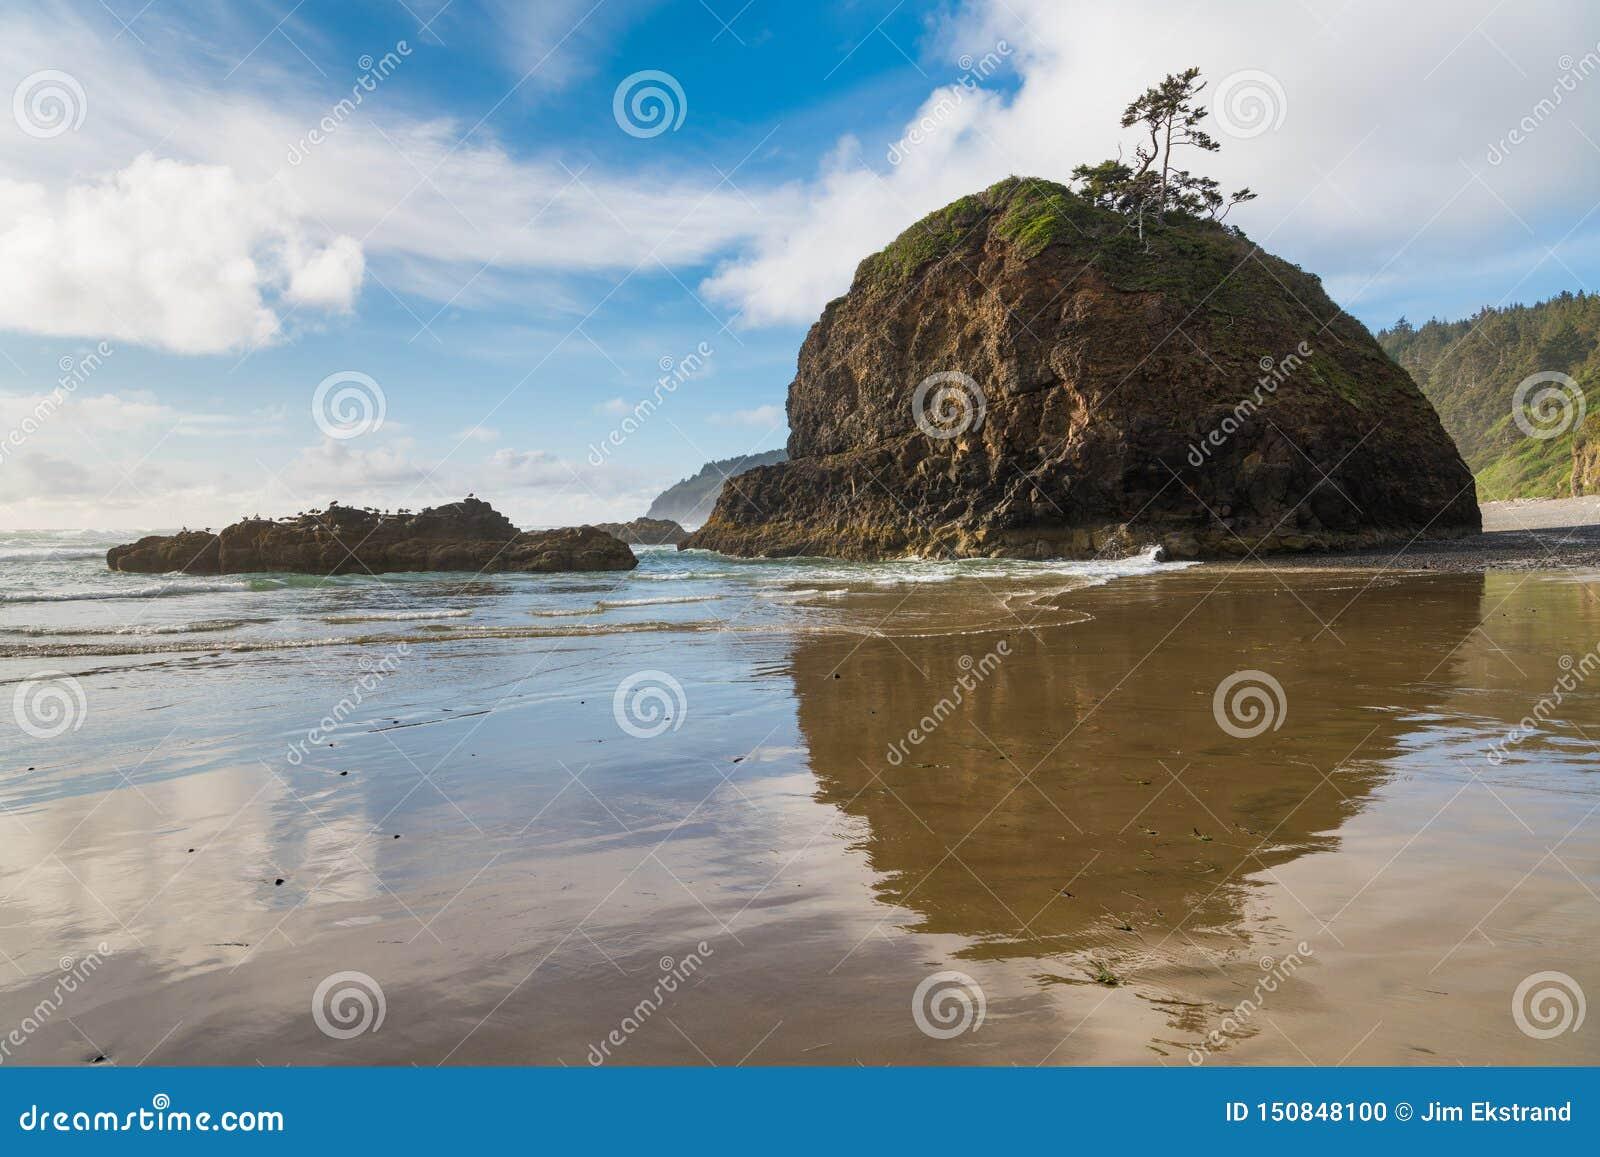 Una formación de roca de la pila del mar y un cielo azul hermoso con las nubes blancas que remolinan reflejadas sobre la arena mo